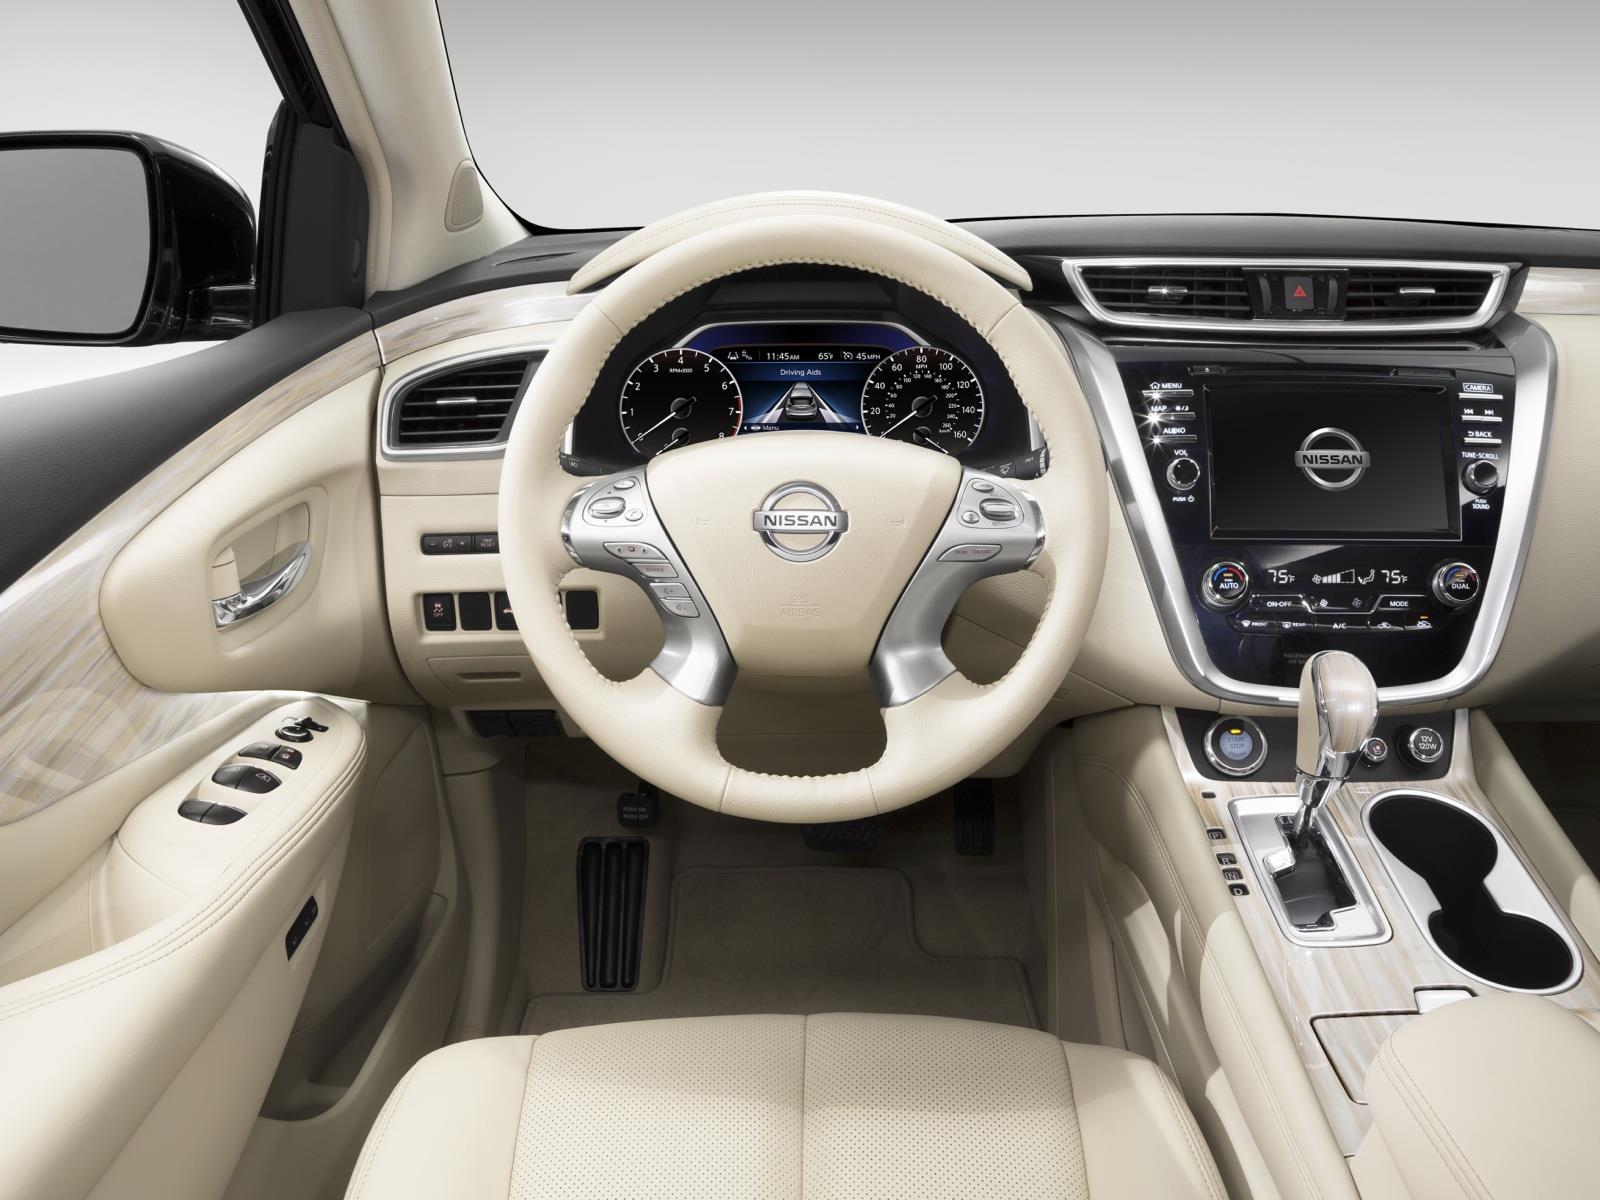 Inicia la producción del Nissan Murano 2015 - Autocosmos.com